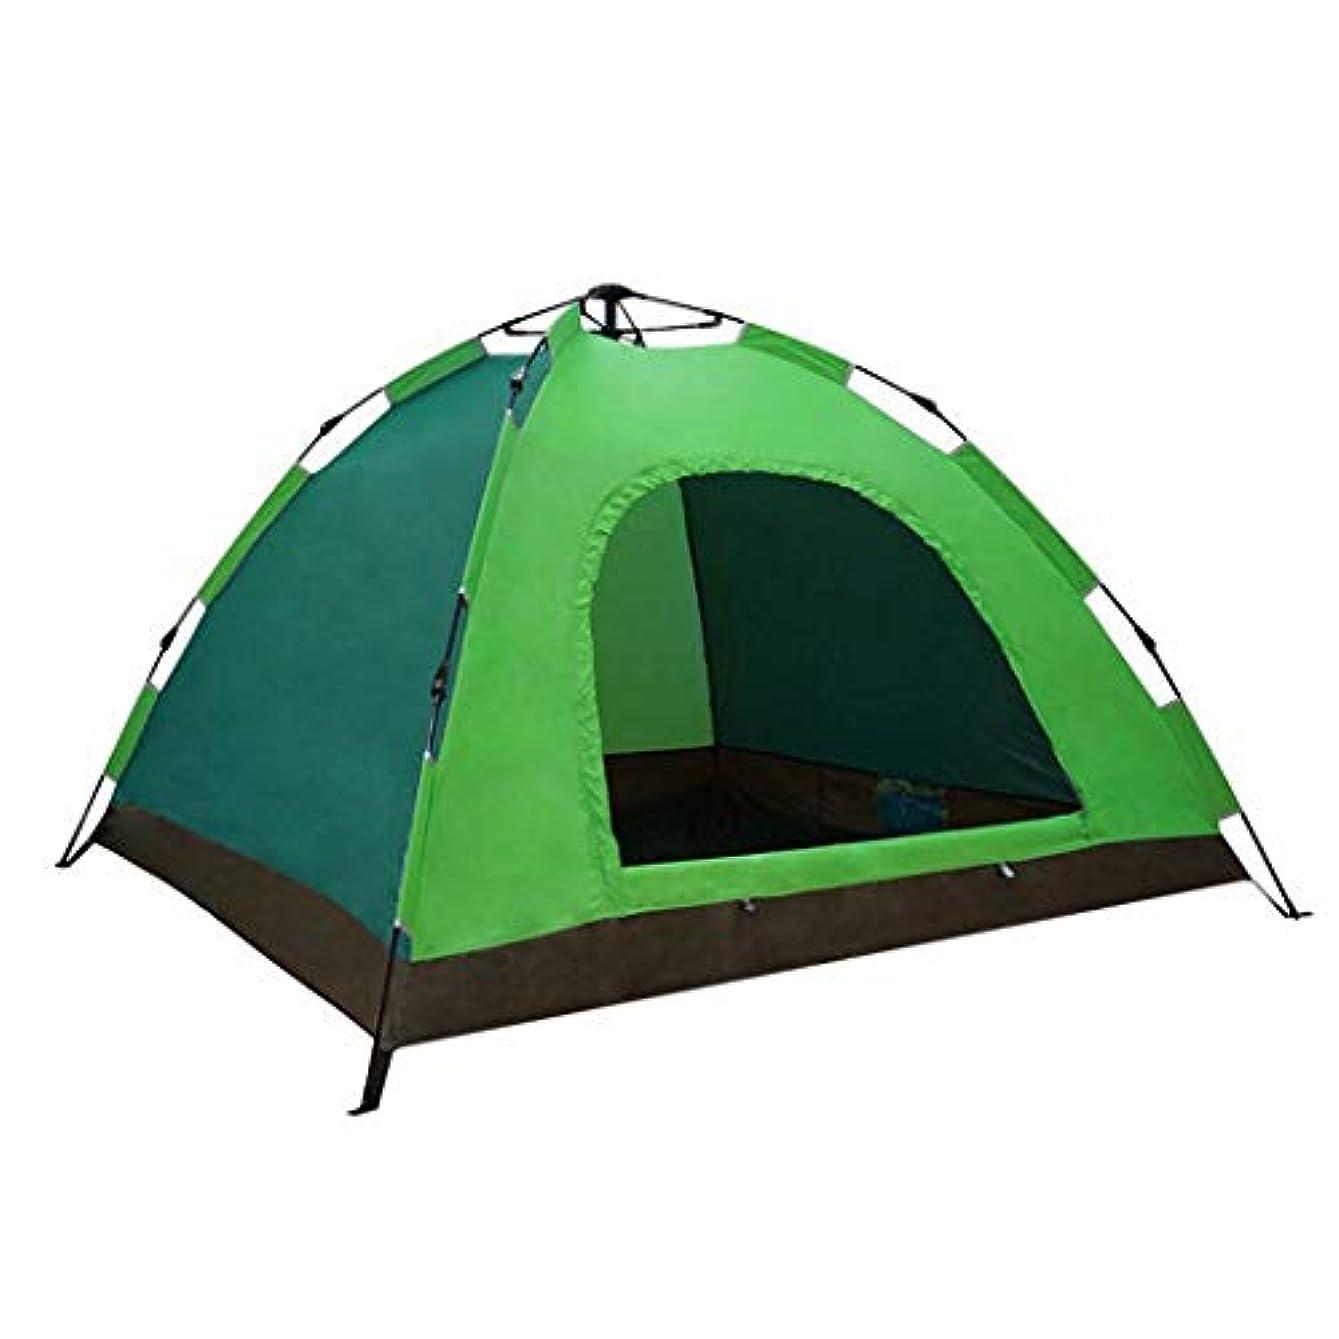 ナインへ早める人に関する限りキャンプテント_ダブルツーリストテントスピード2?3人キャンプアウトドア